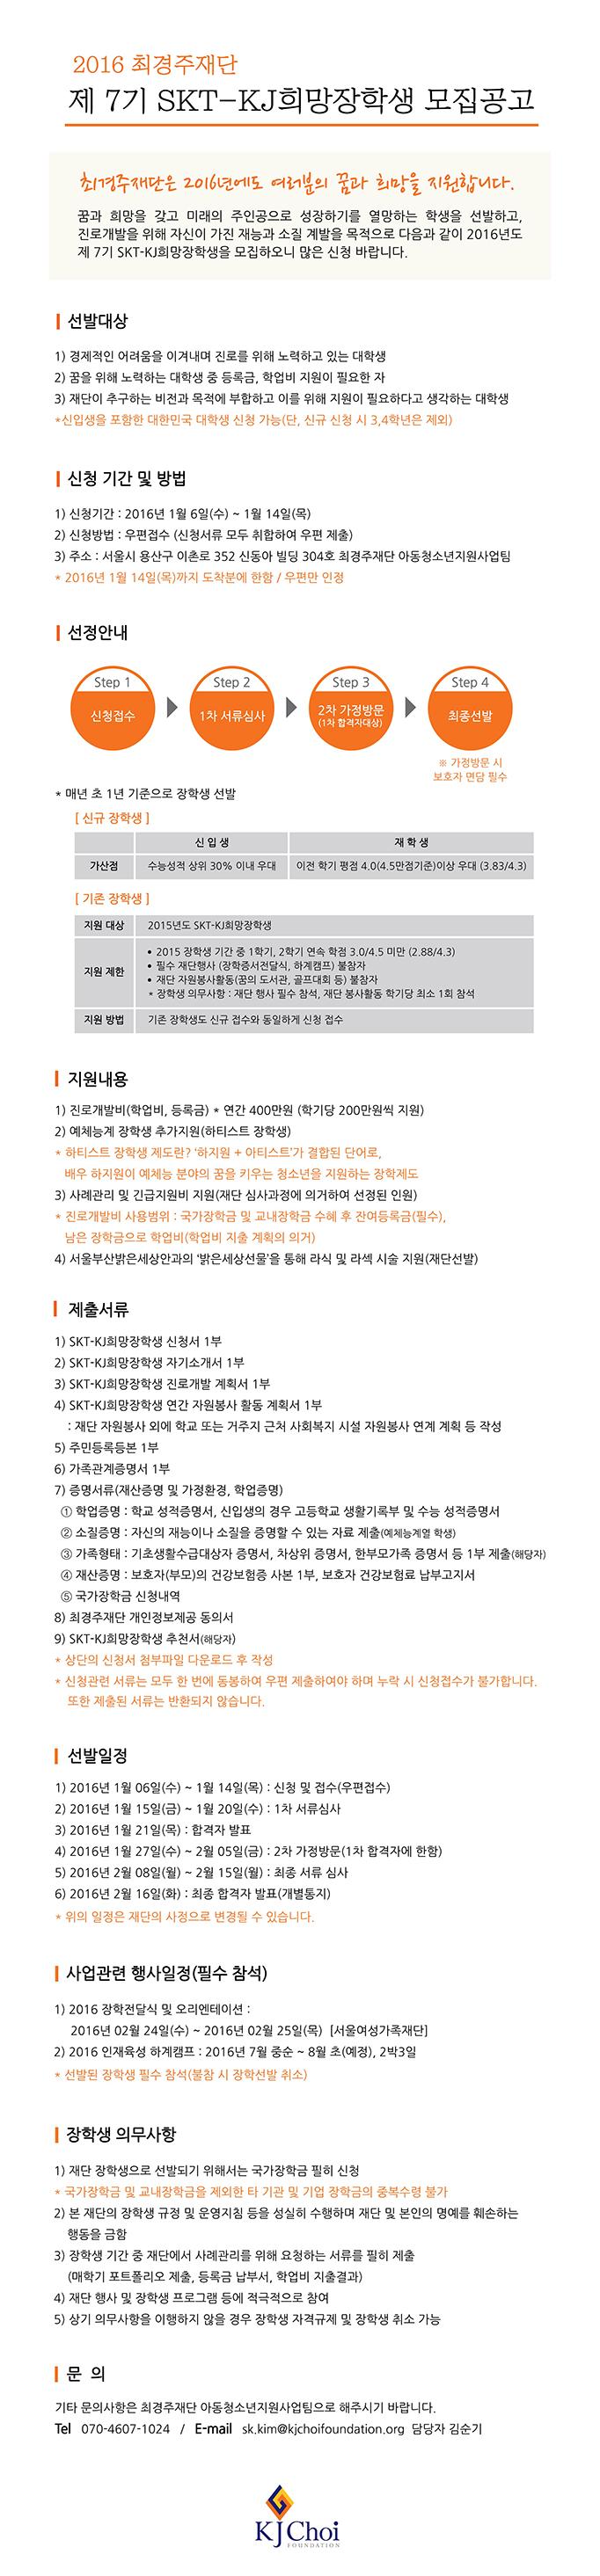 최경주재단 제 7기 SKT-KJ희망장학생 모집 공고